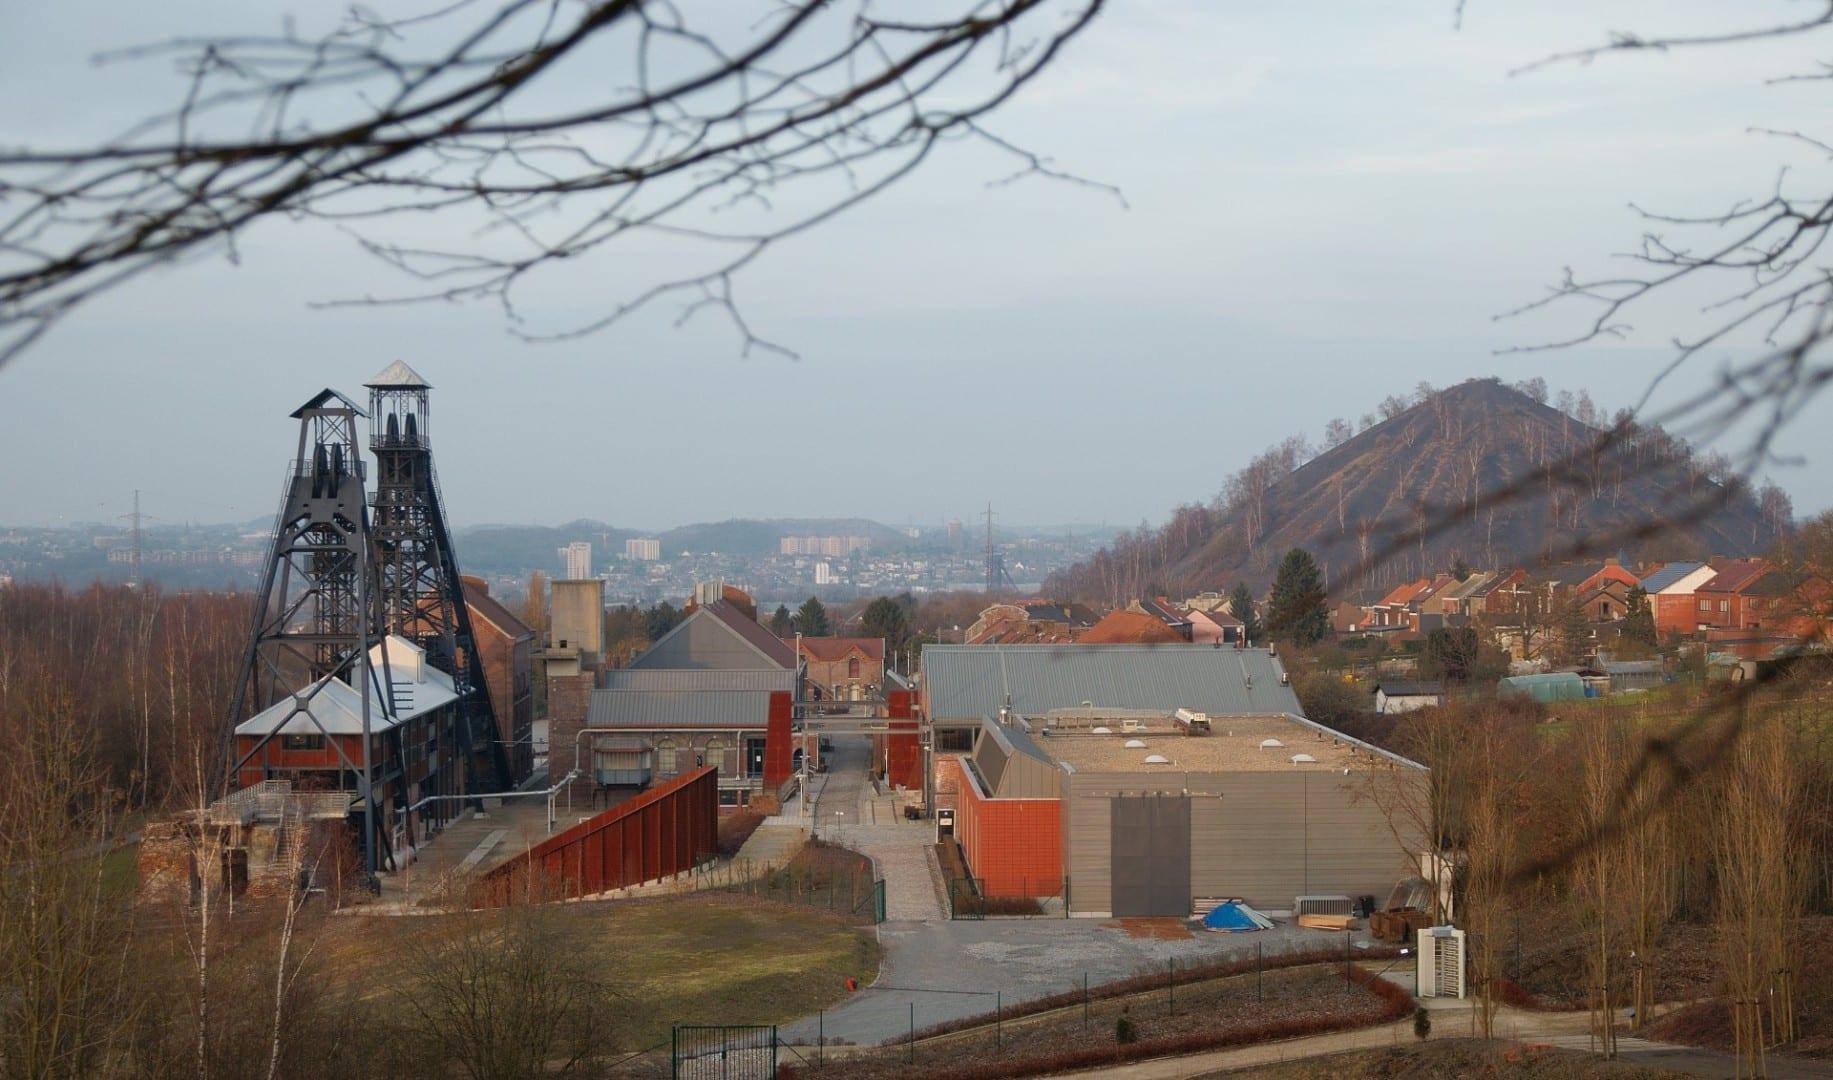 La antigua mina de carbón de Bois du Cazier en Marcinelle fue transformada en un complejo de museos Charleroi Bélgica